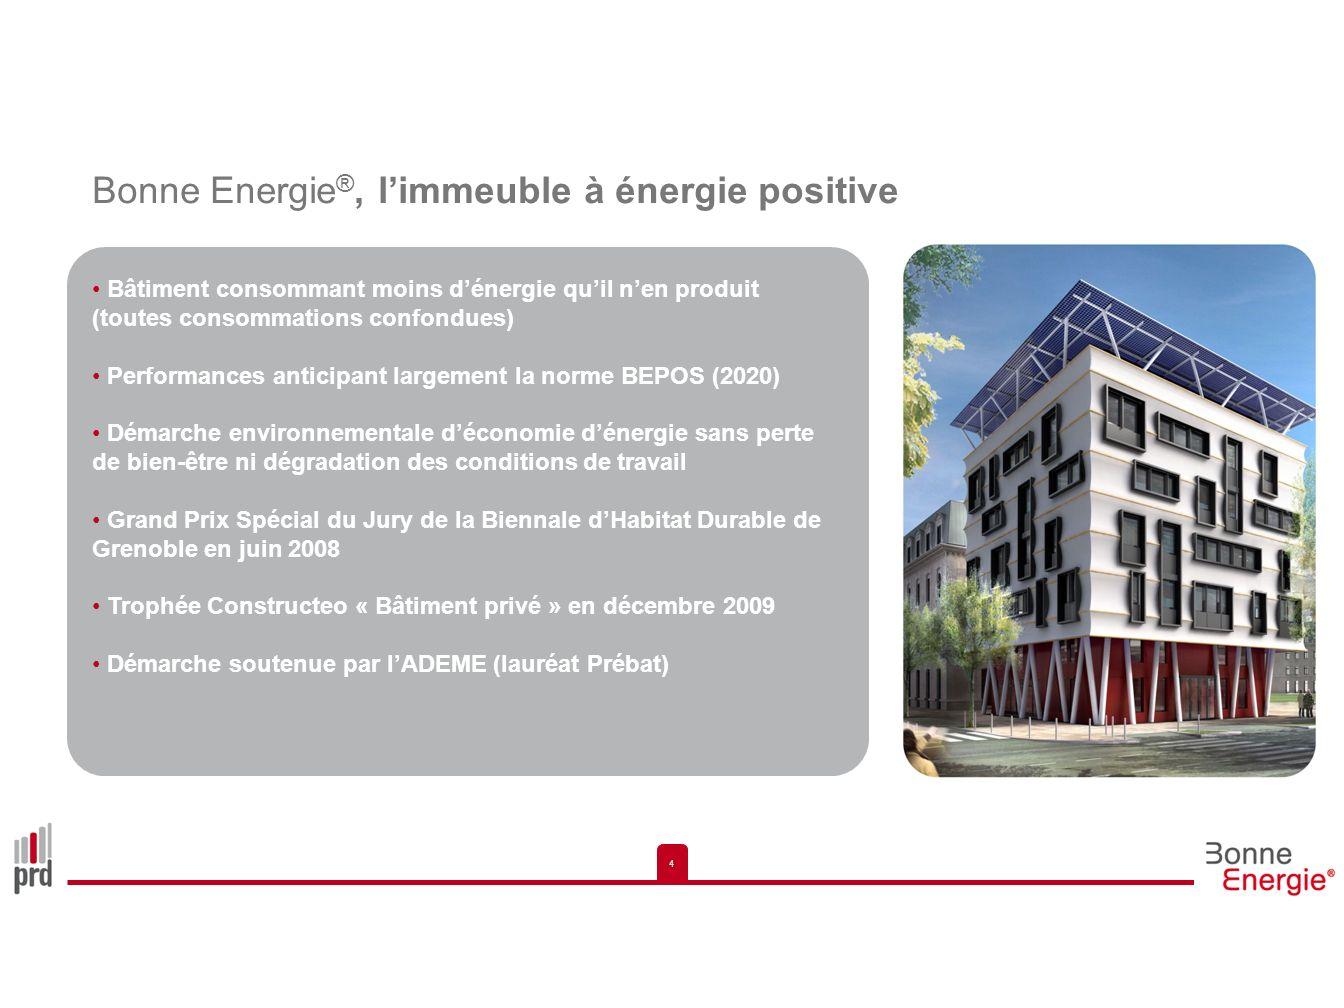 15 Energie produite : données principales Produire plus dénergie que la consommation totale de limmeuble Surface de la centrale photovoltaïque : 446 m² dont 382 m² de surface effective de panneaux photovoltaïques (576 modules de 0.66 m²) Puissance installée : 48 000 Wc Production annuelle estimée : 47 500 kWh/an soit 124 kWh/m² panneau/an Recette annuelle : vente électricité à GEG = 28 500 HT/an, contre 3 000 de dépense énergétique tous postes confondus, Bilan carbone : 2,5 tonnes de CO 2 évitées chaque année Tarif de rachat bénéficiant de la prime de lintégration au bâti (arrêté du 10/07/06 et circulaire du 17/04/07)